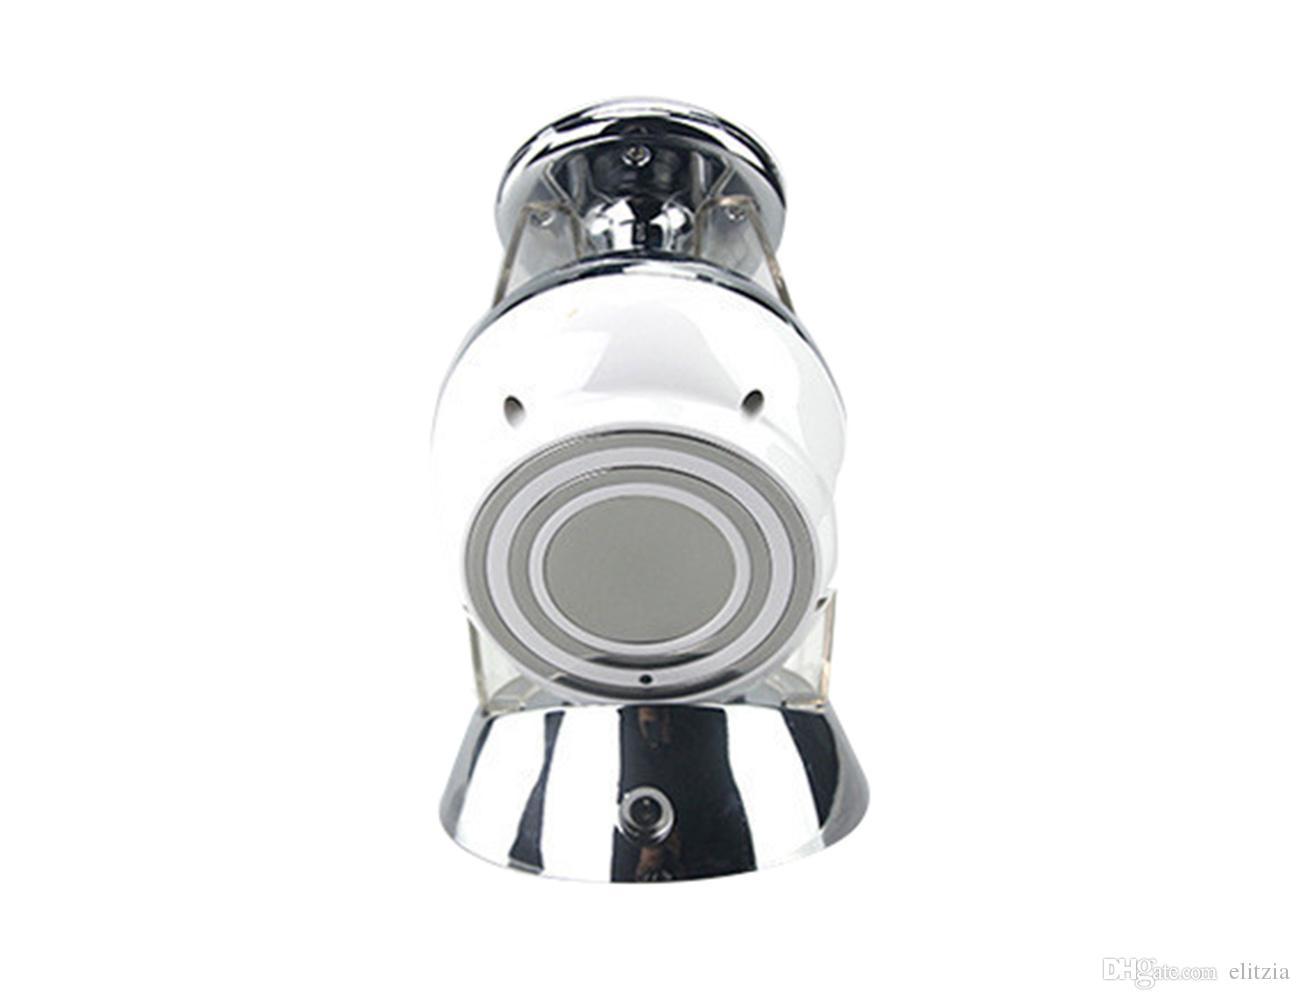 إليتسيا ETPT538 التجويف سبا انفجار الشحوم جهاز الجمال والتخسيس تصدير ثلاثة أوضاع المحمولة البلاستيك الحراري صك الجمال